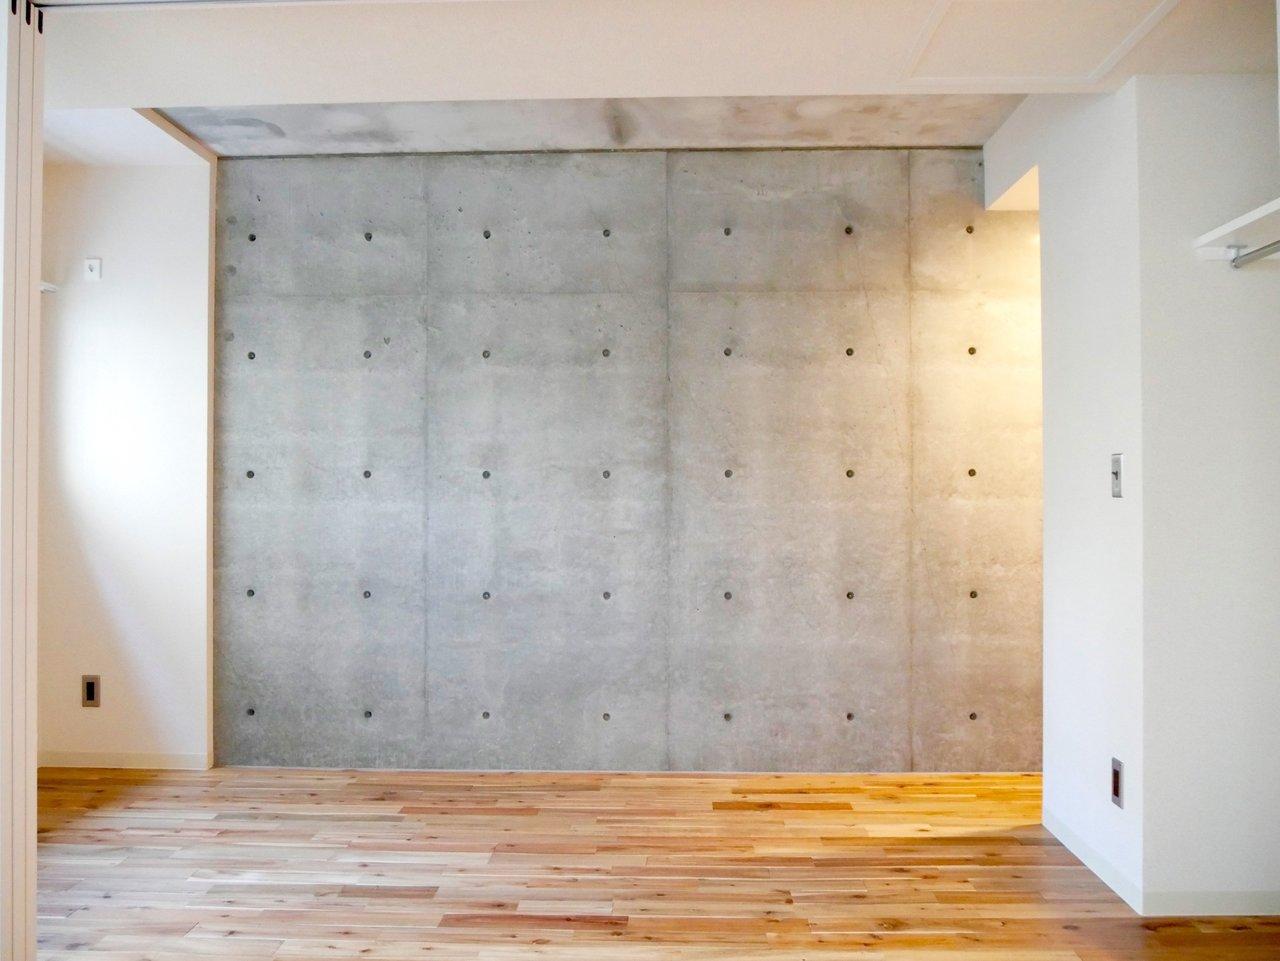 もうひとつ、いい感じのアクセントになっているのが、このコンクリート打ちっぱなしの壁。無垢床のあたたかさもありながら、こうしたスタイリッシュな一面も。おしゃれさんにはたまりません。